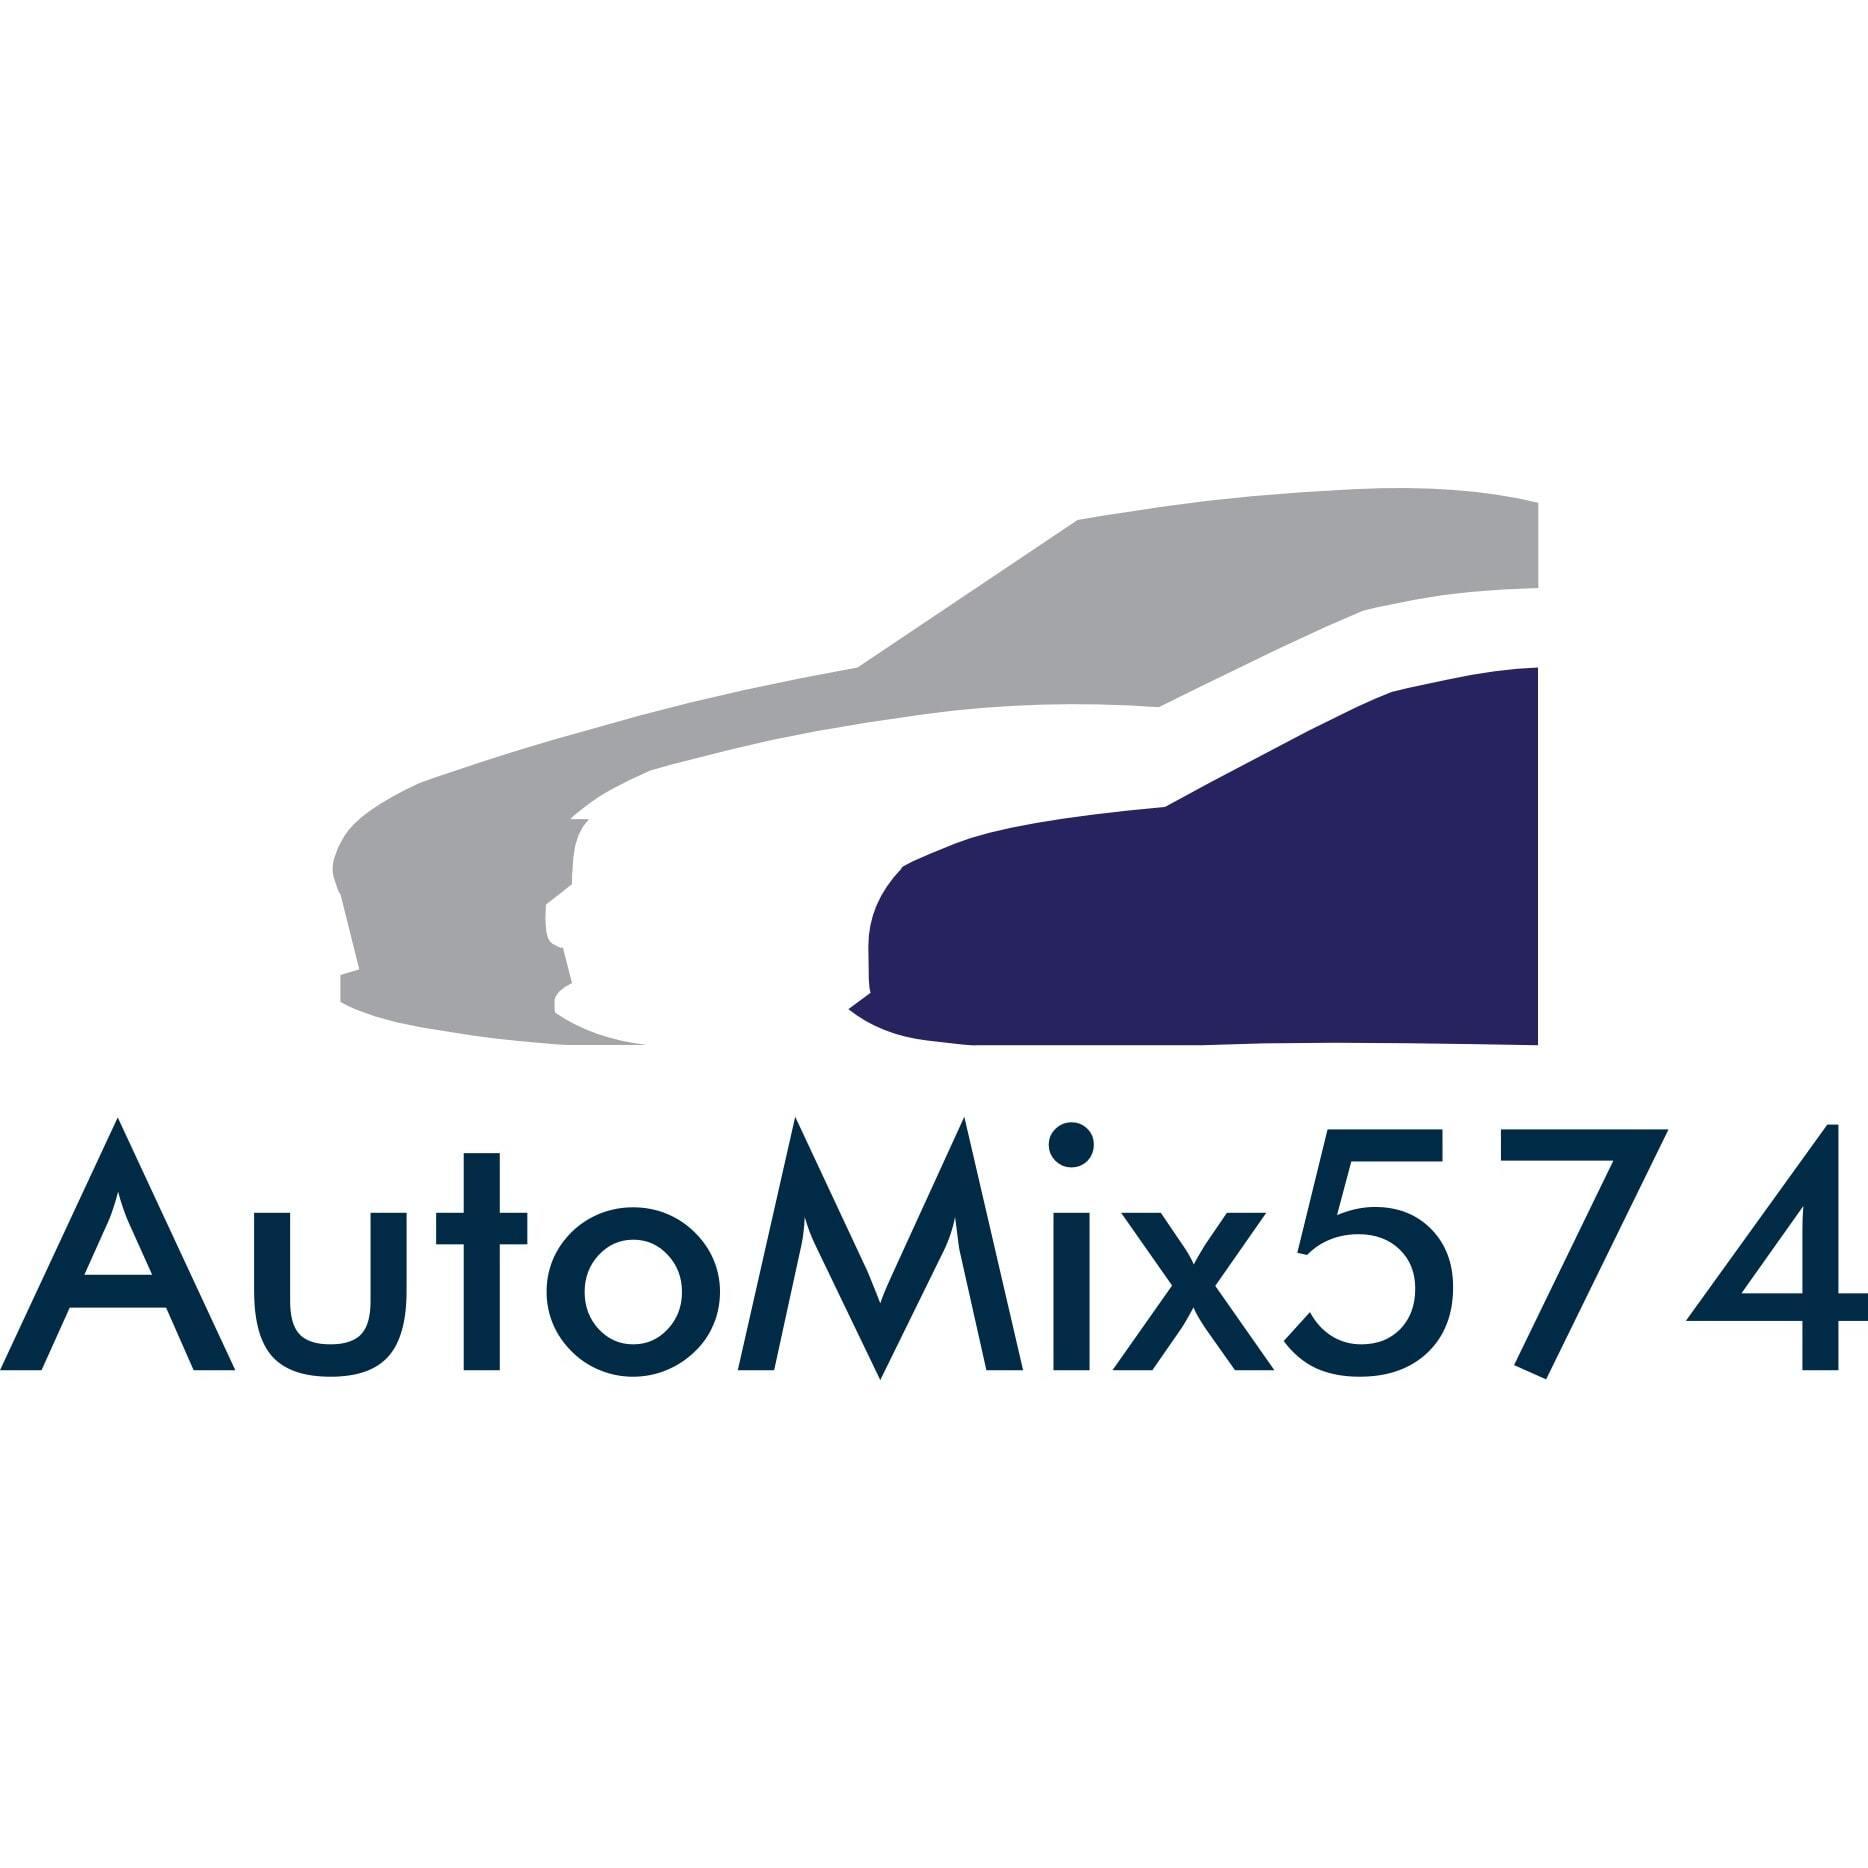 AutoMix574